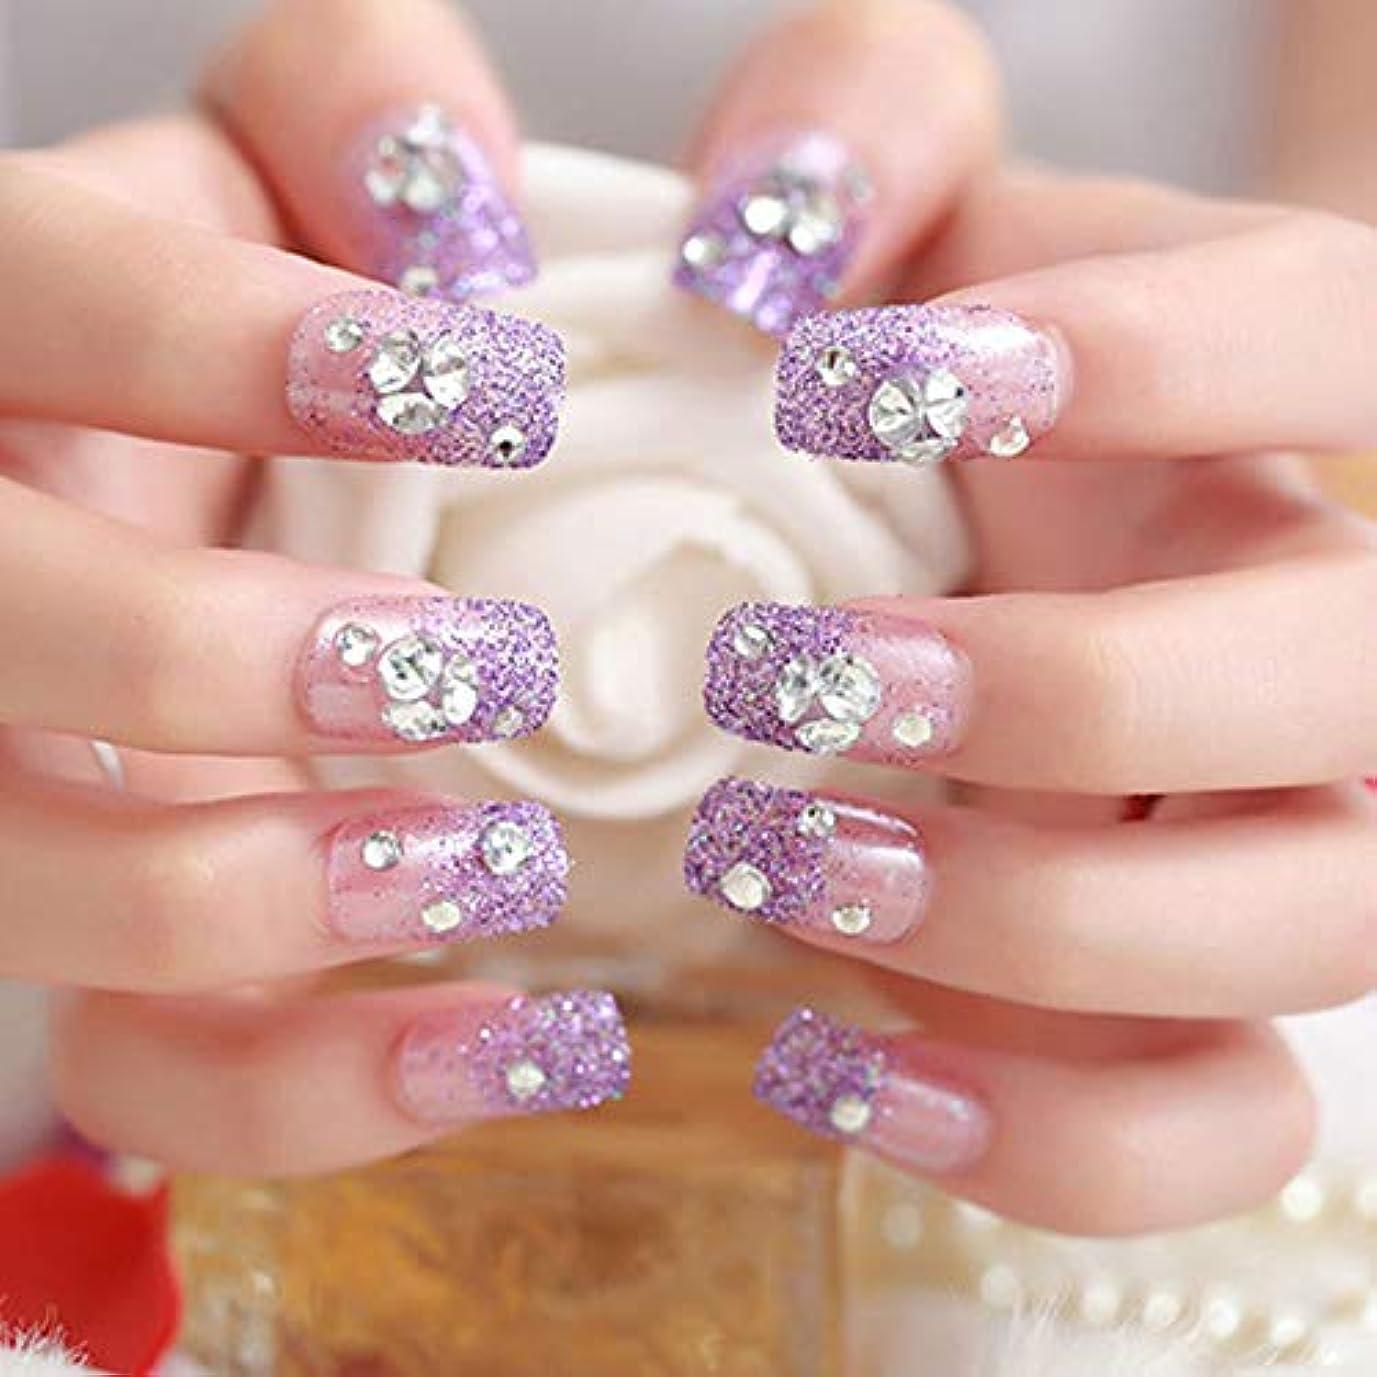 孤児流パンダXUTXZKA キラキラ人工爪紫色の輝くラインストーン結婚式の花嫁のネイルアートフェイクネイル